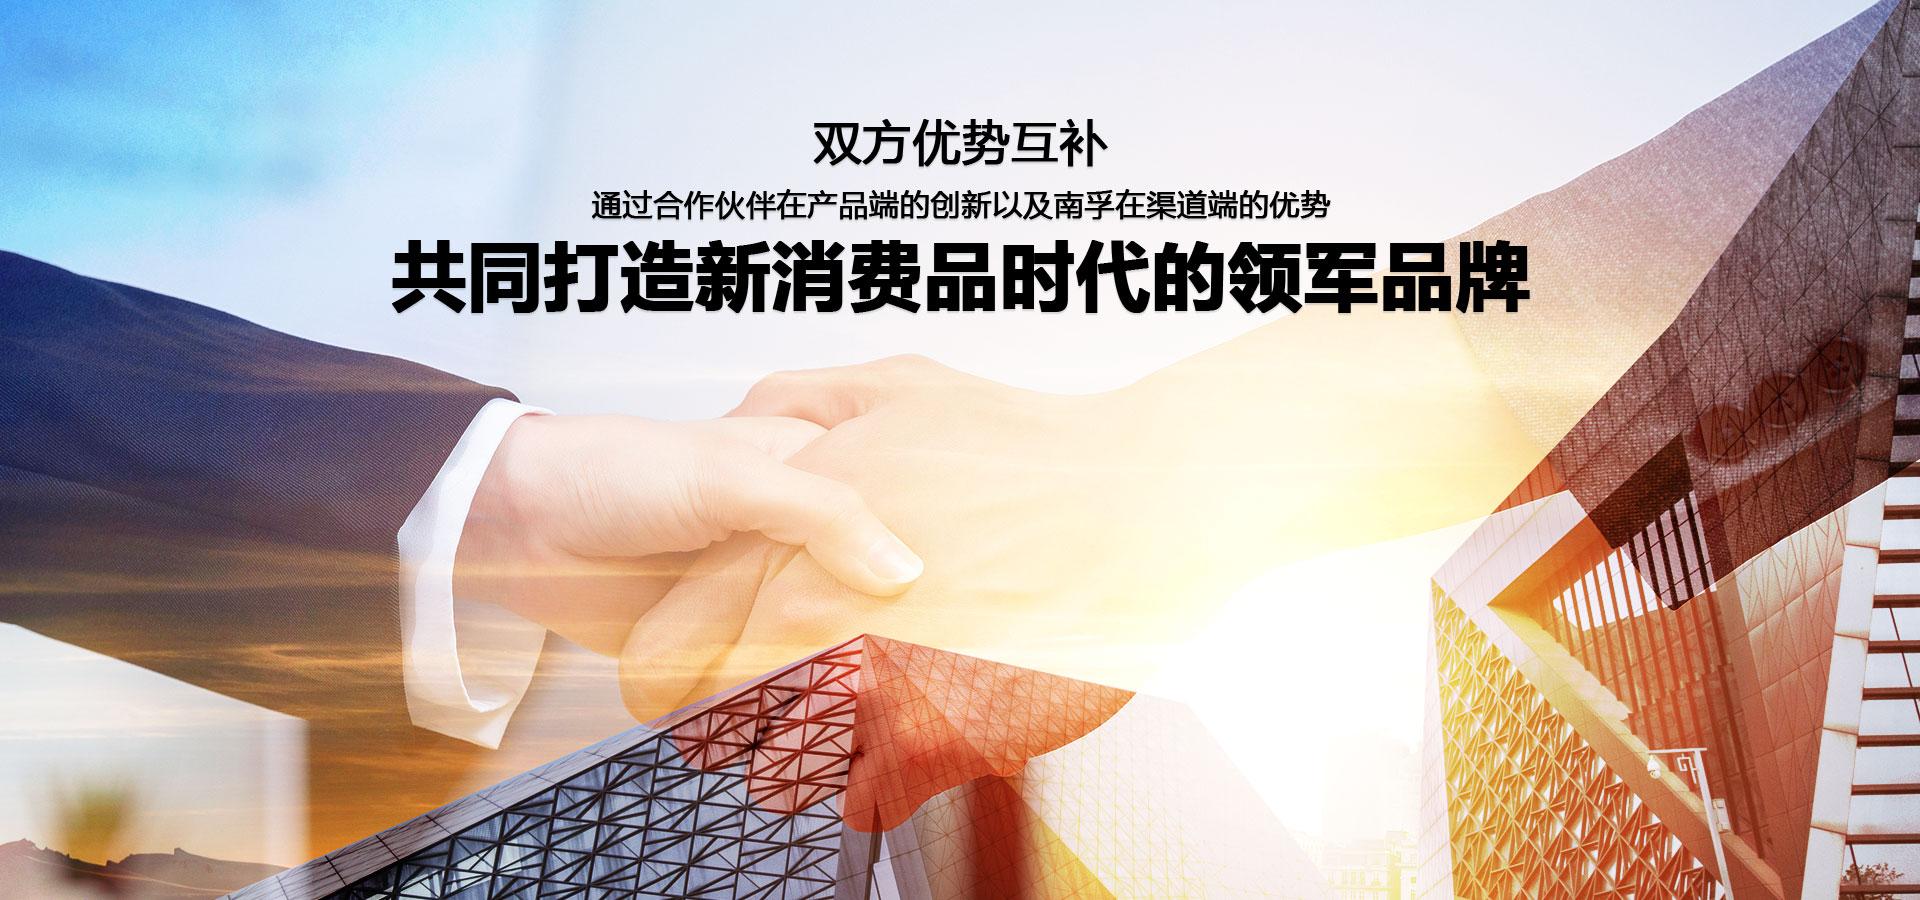 01-未来南孚-4切图_07.jpg